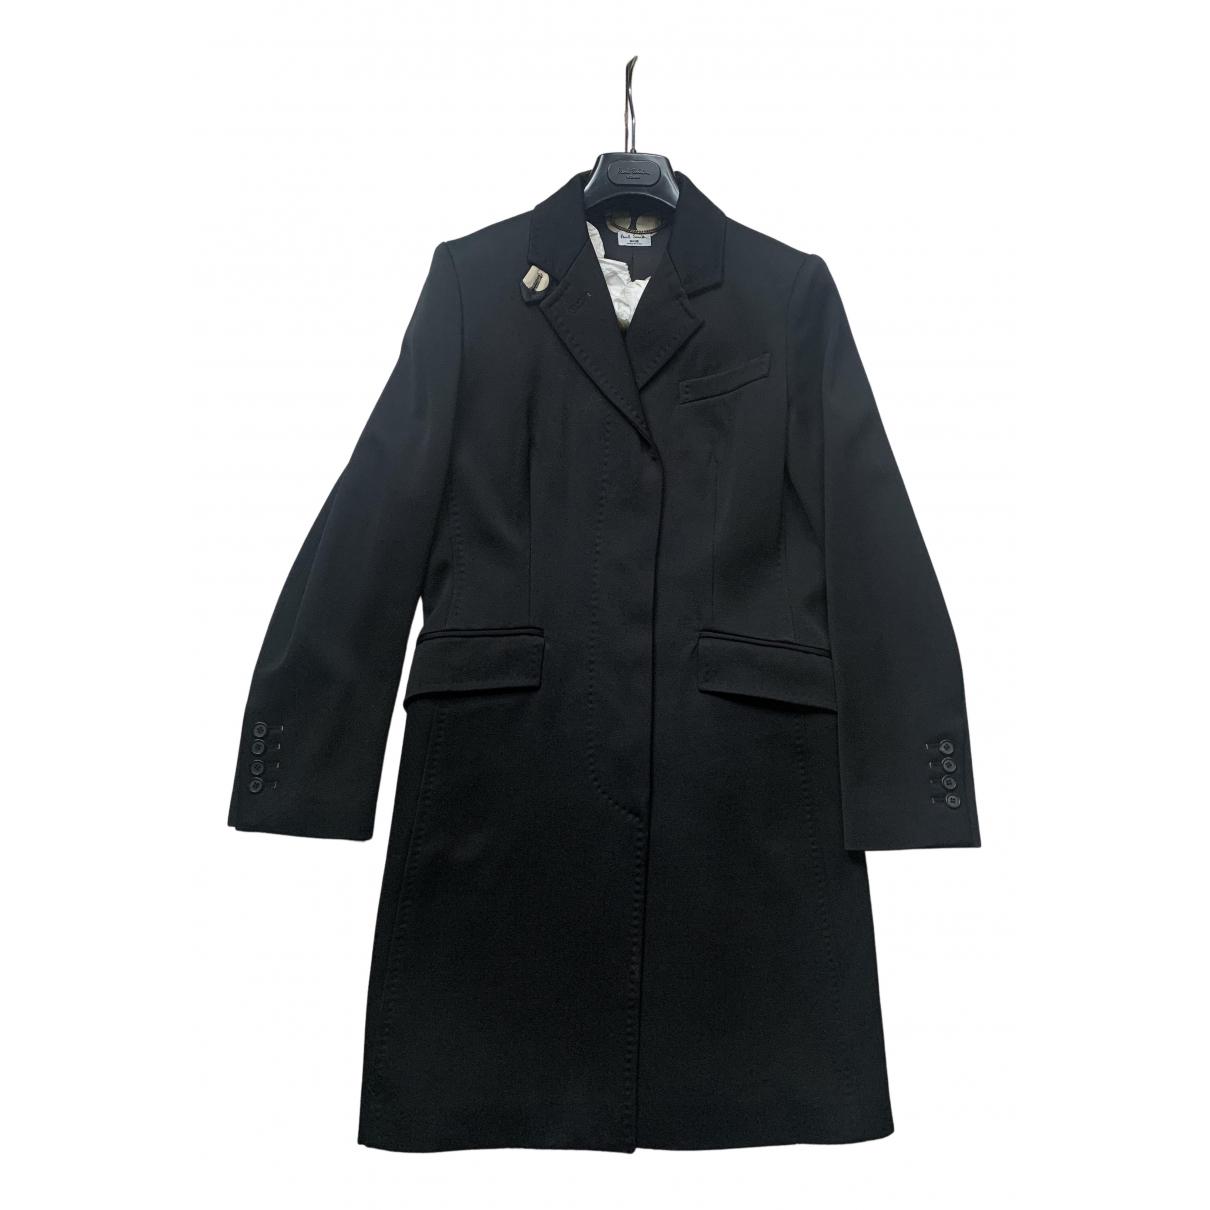 Paul Smith - Manteau   pour femme en laine - noir